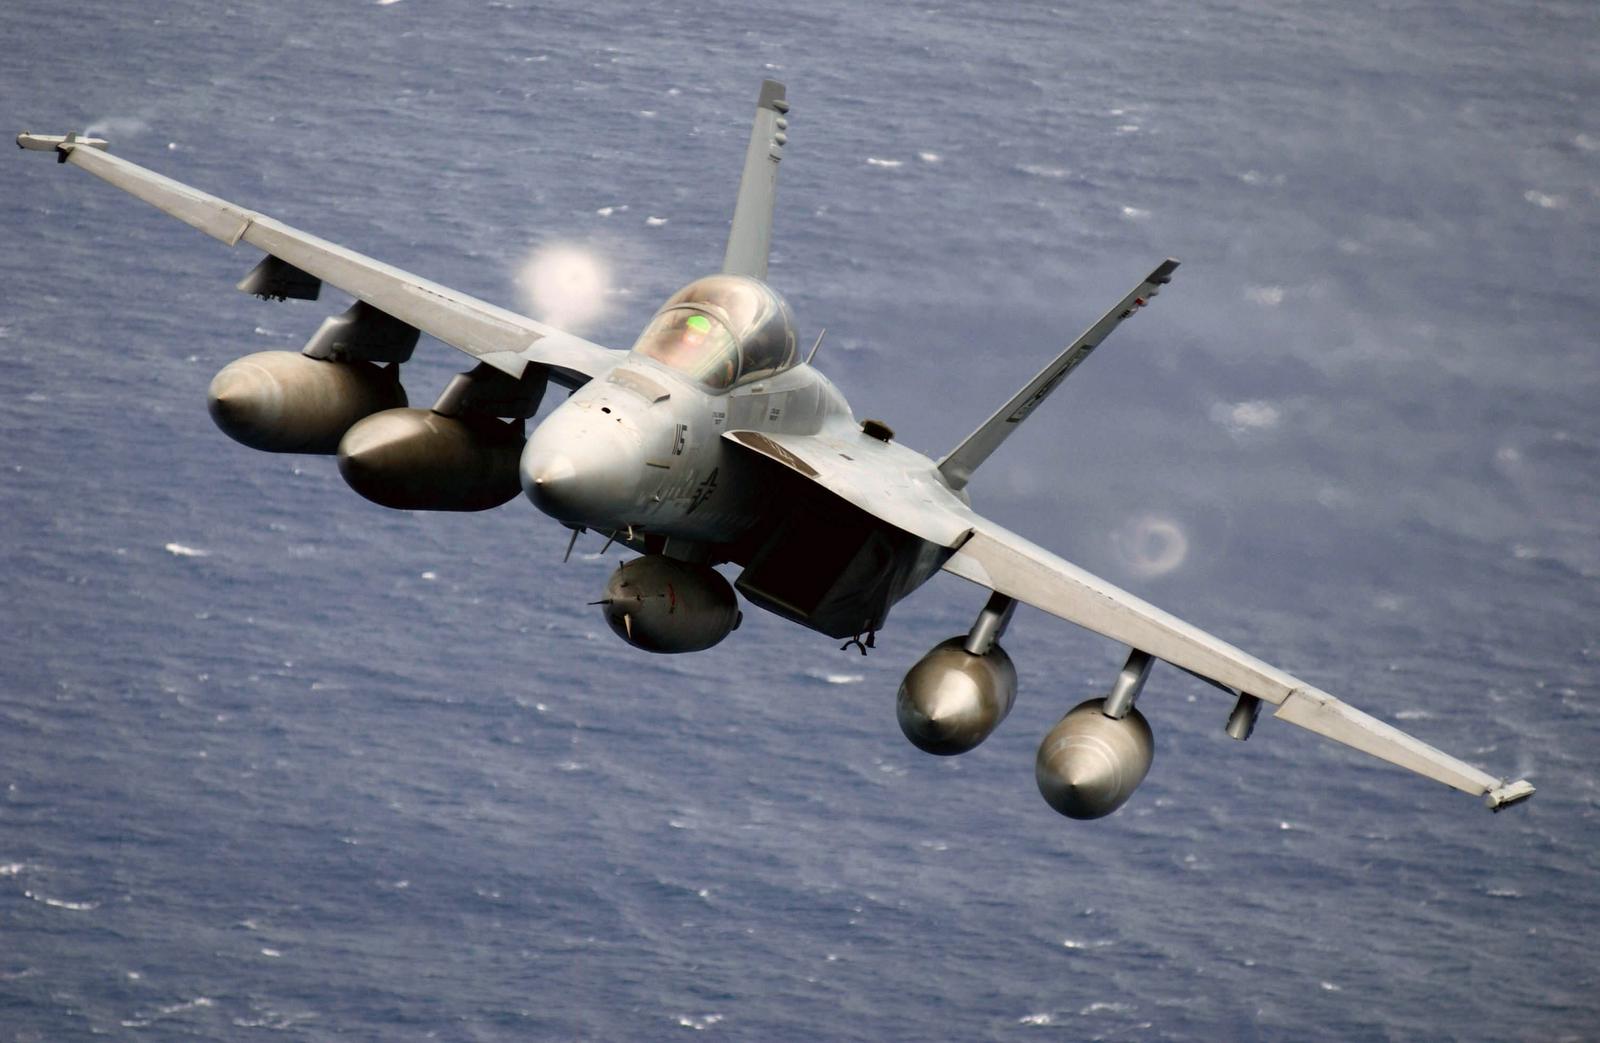 Free Download 18 Super Hornet Wallpaper Hd F 18 Super Hor